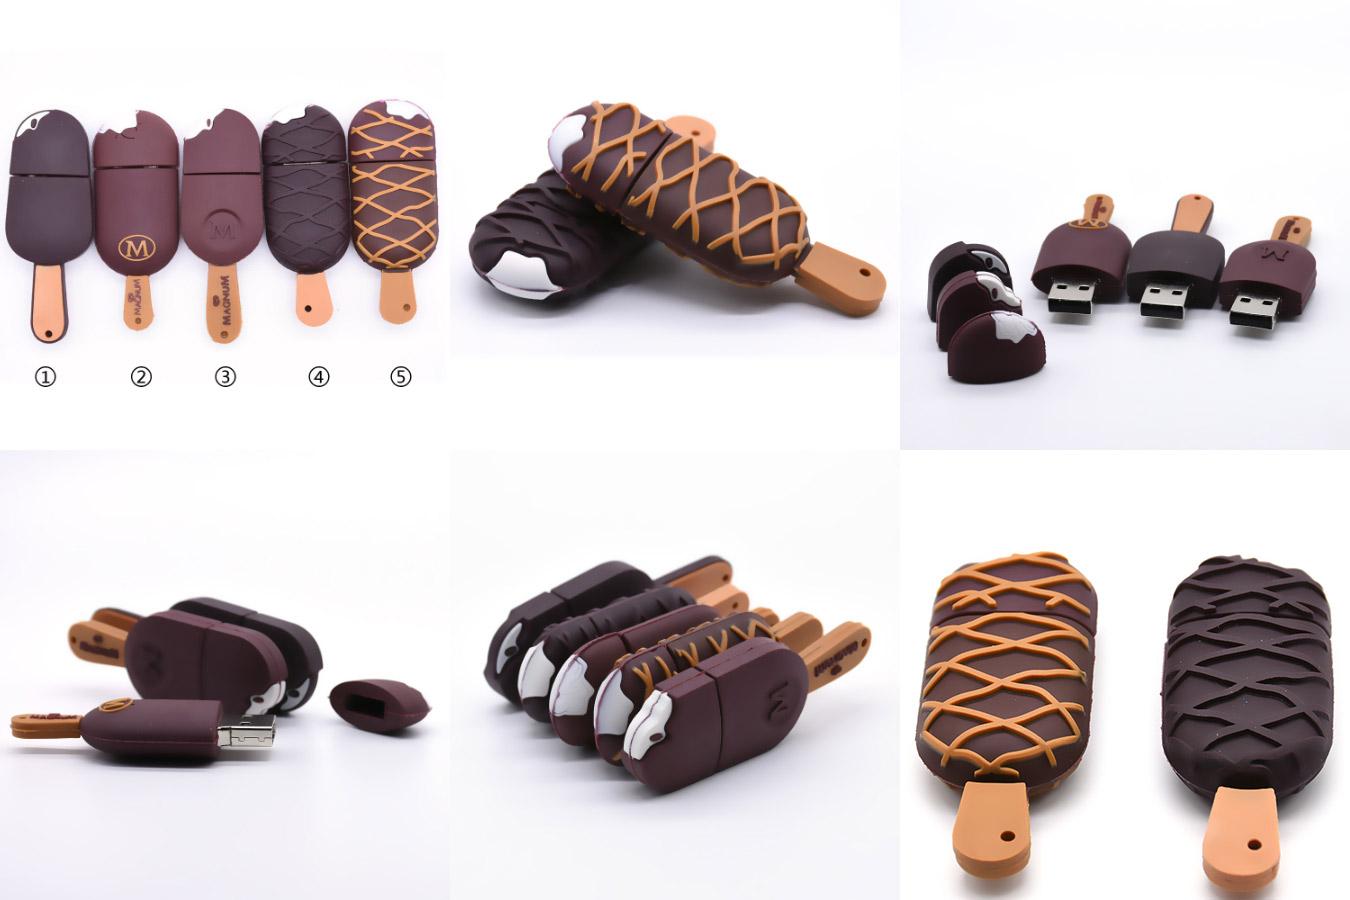 Флешка с необычным дизайном в виде мороженого USB Flash drive ice-cream